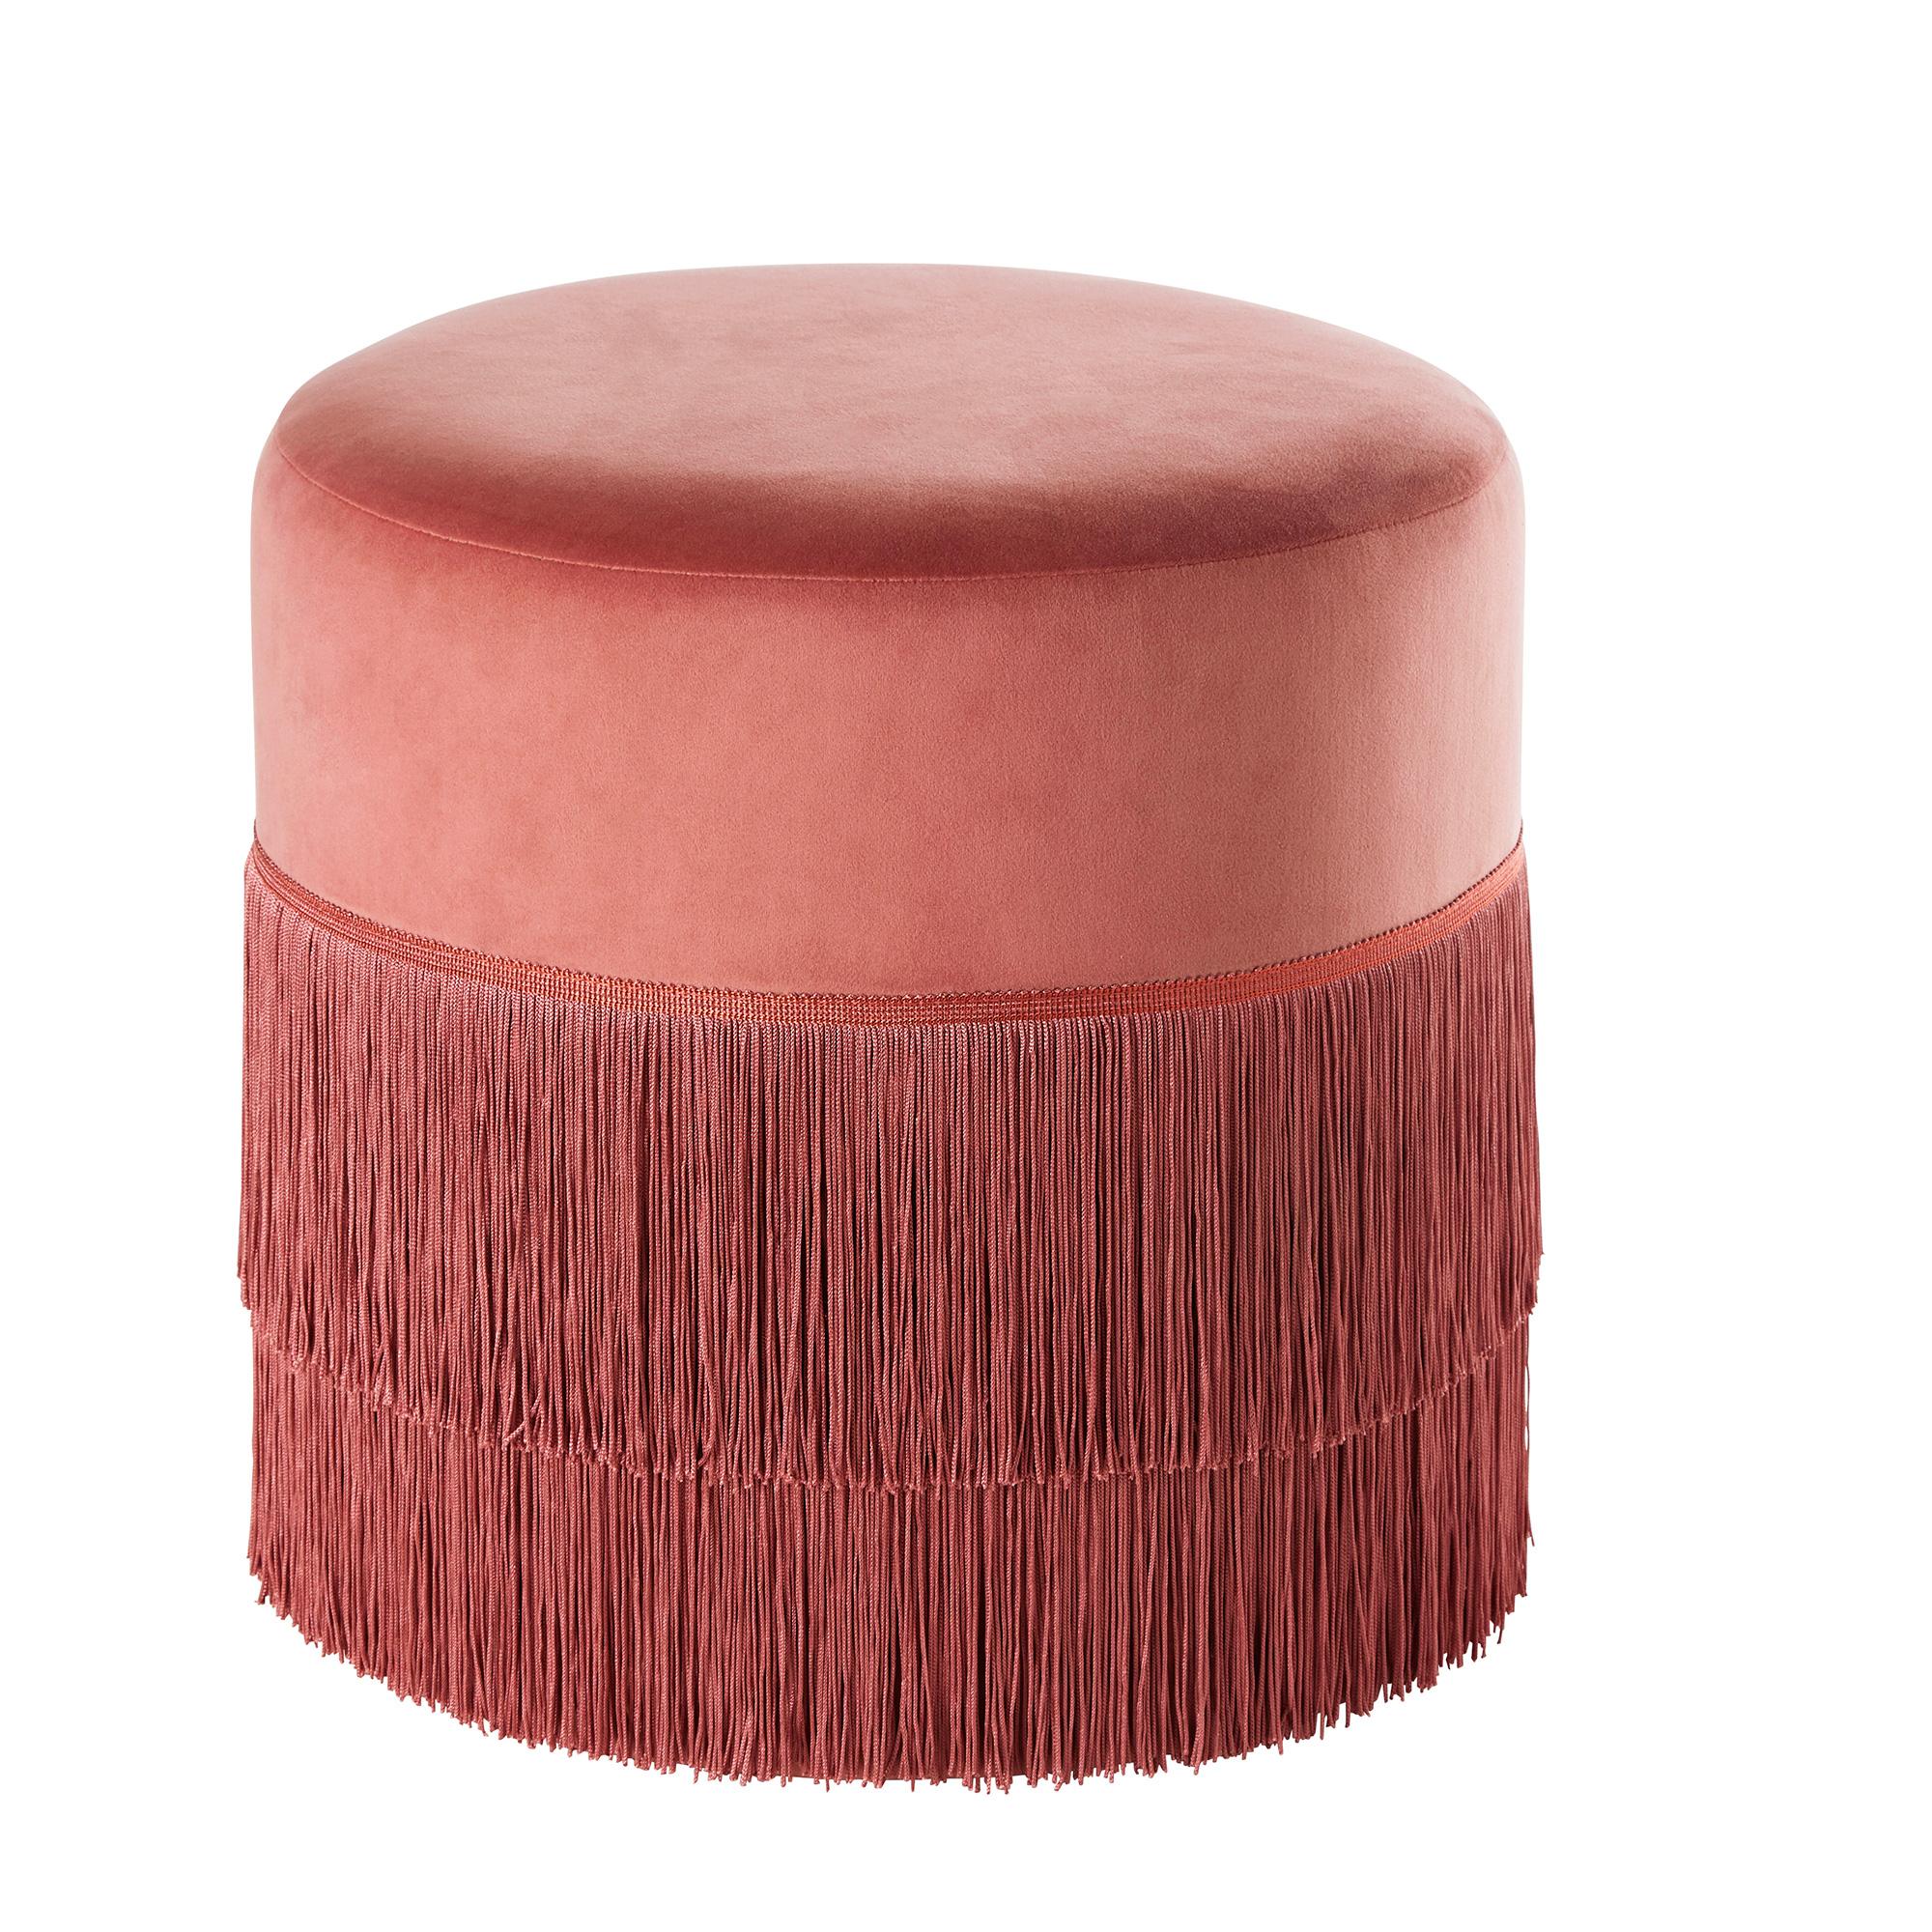 Puf de terciopelo rosa con flecos